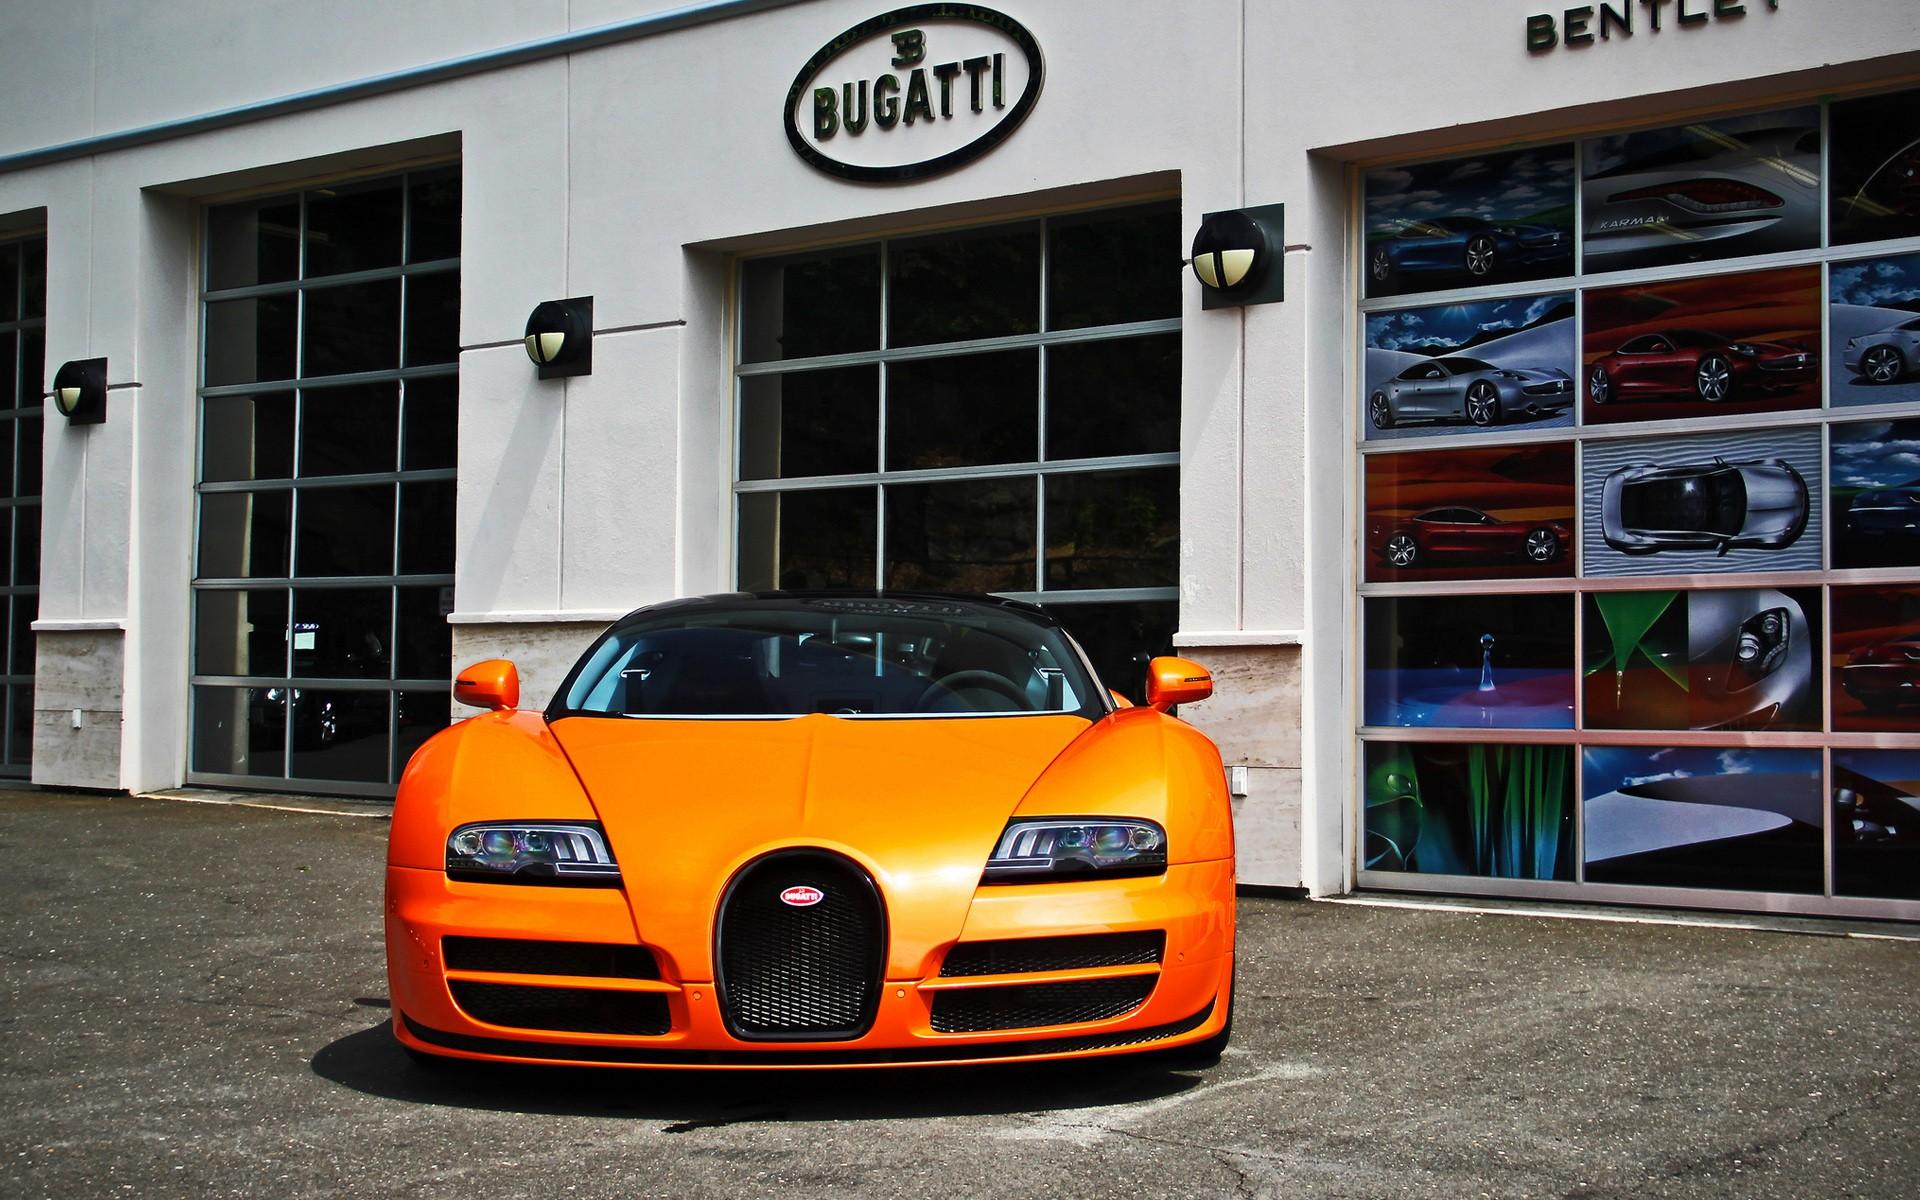 Bugatti Veyron Grand Sport Vitesse Wallpaper Hd: Bugatti Veyron Grand Sport Vitesse Wallpaper